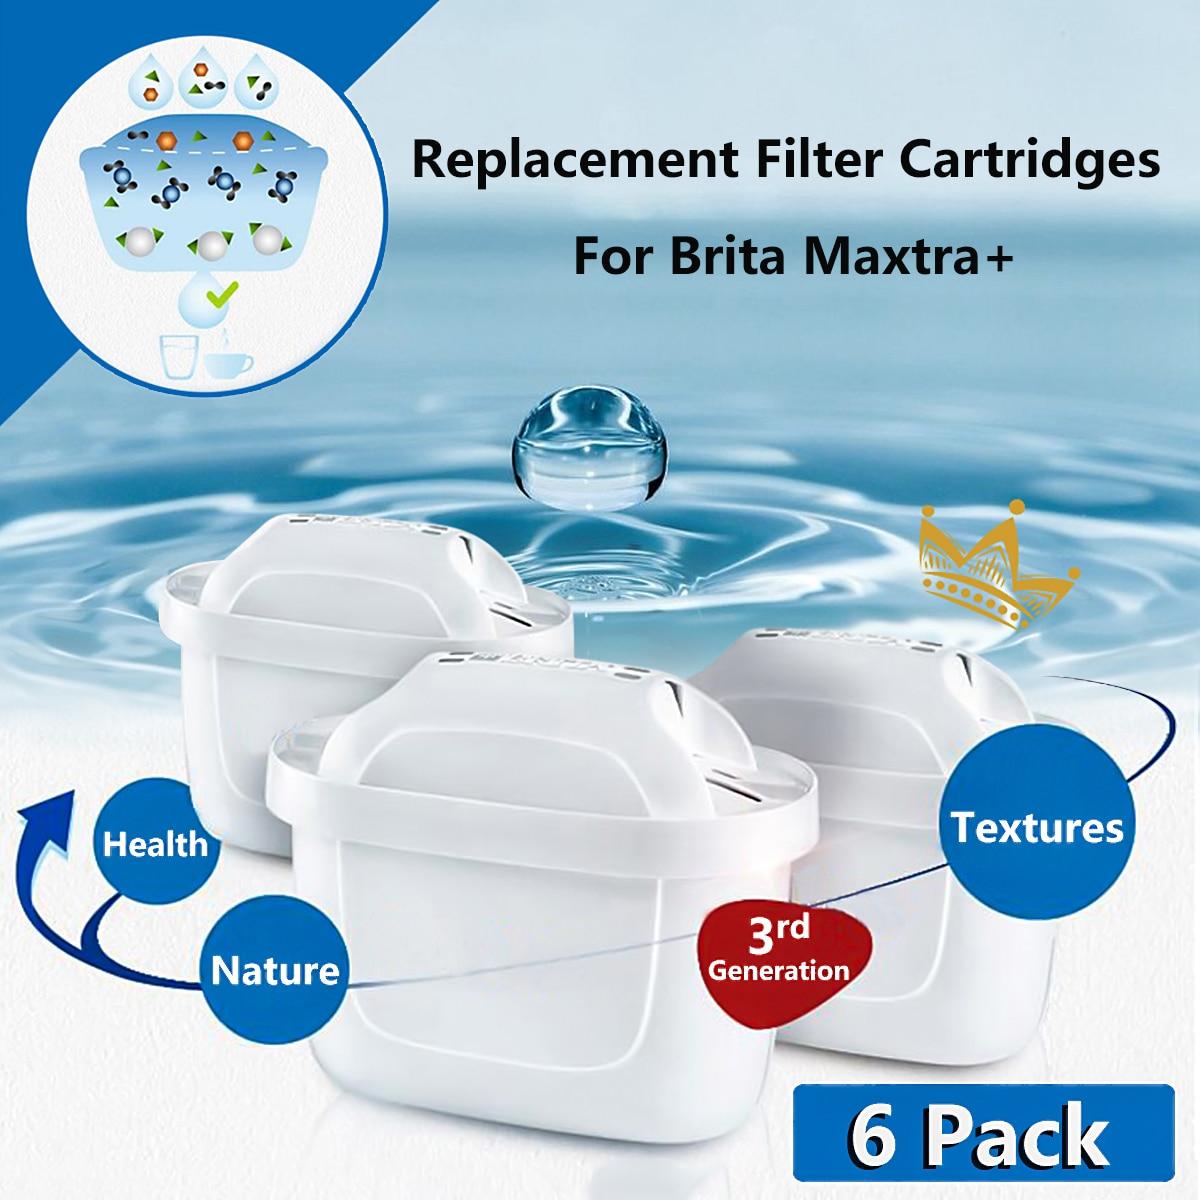 6 stücke Ersatz Wasser Krug Filter Patronen Refills Für Brita Maxtra + Plus Neu Aktivkohle Griff Design Verbessert Geschmack